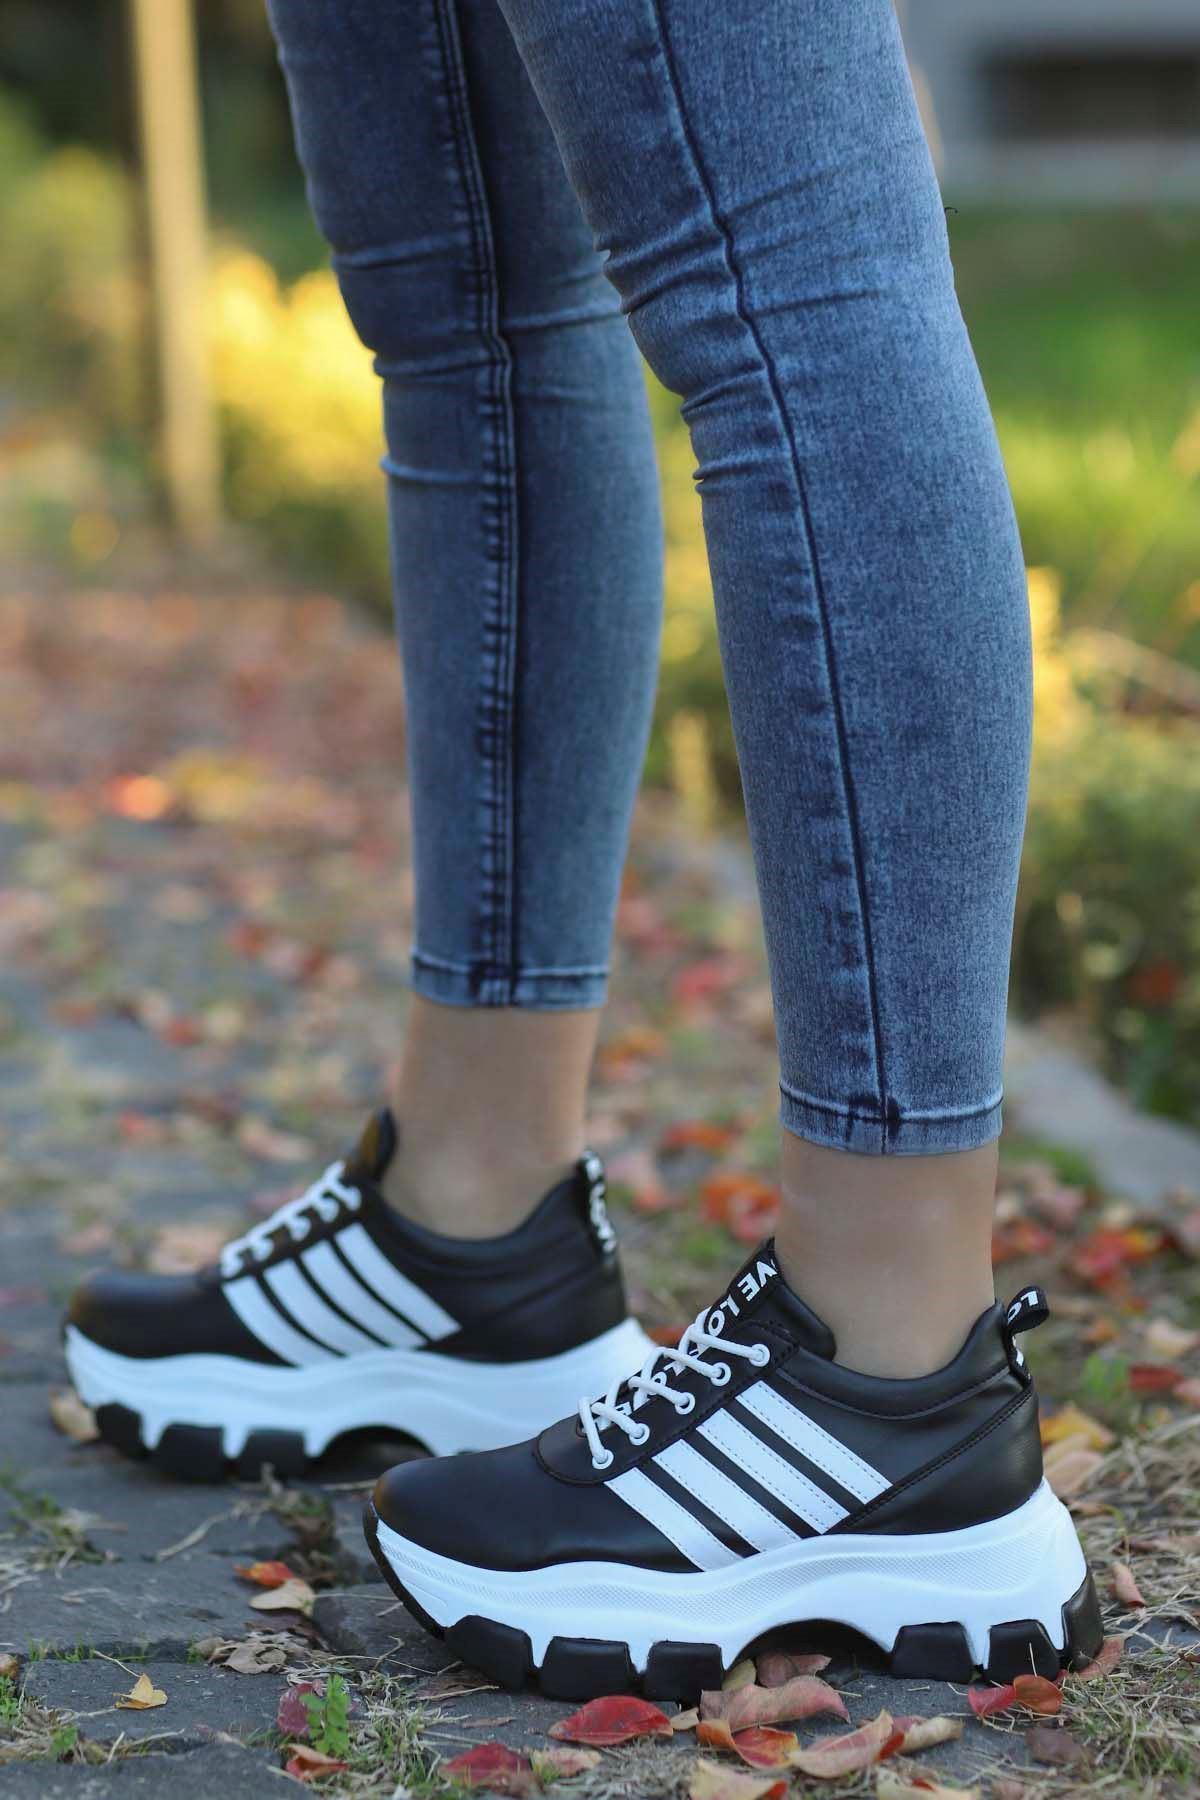 Frm-400 Tabanlı Spor Ayakkabı Siyah Deri Siyah Taban